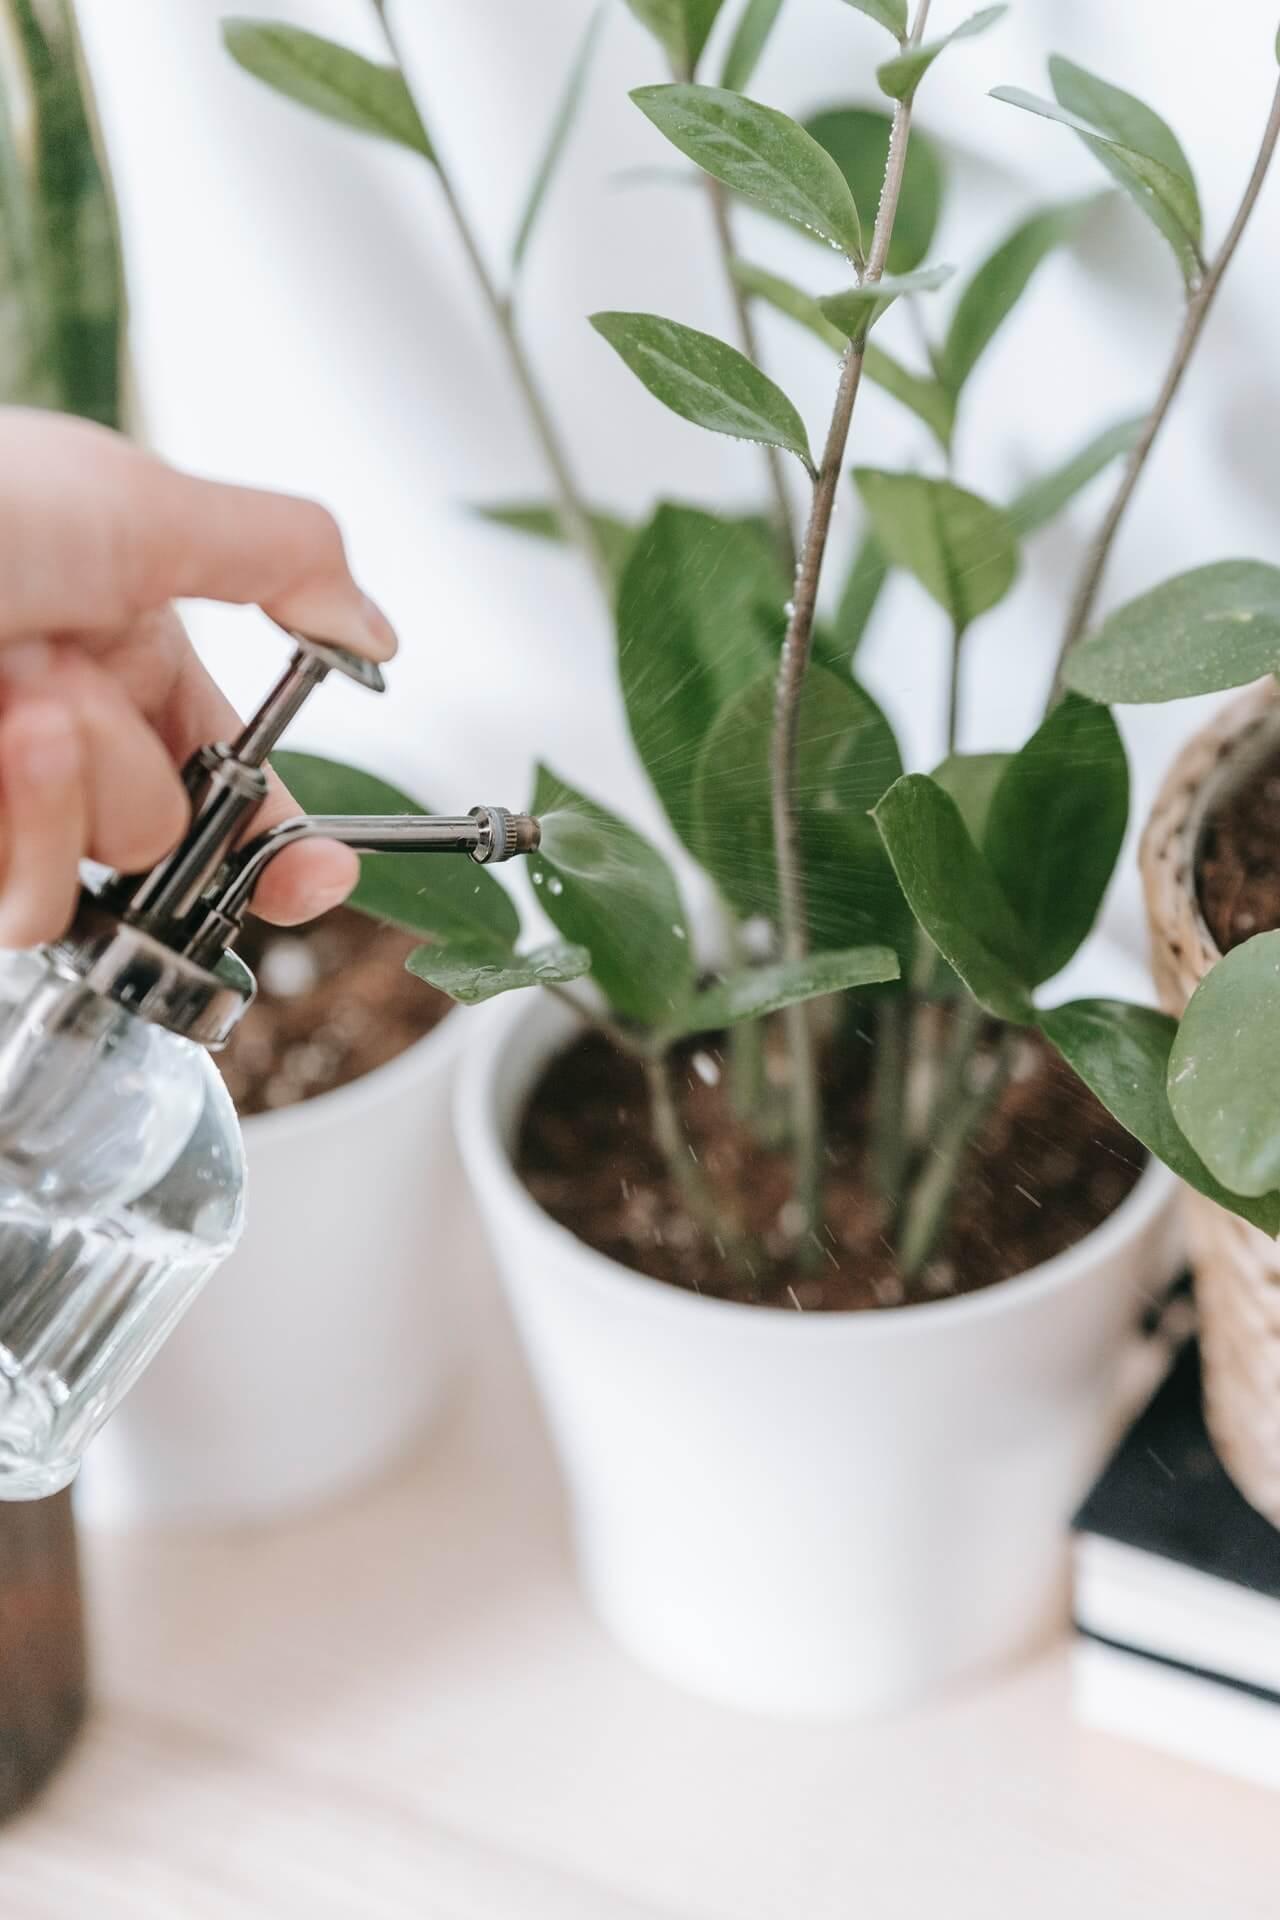 Ποτίζετε με προσοχή τα φυτά του σπιτιού και δροσίζετε με καθαρό νερό τη βλάστησή τους, χωρίς υπερβολές.